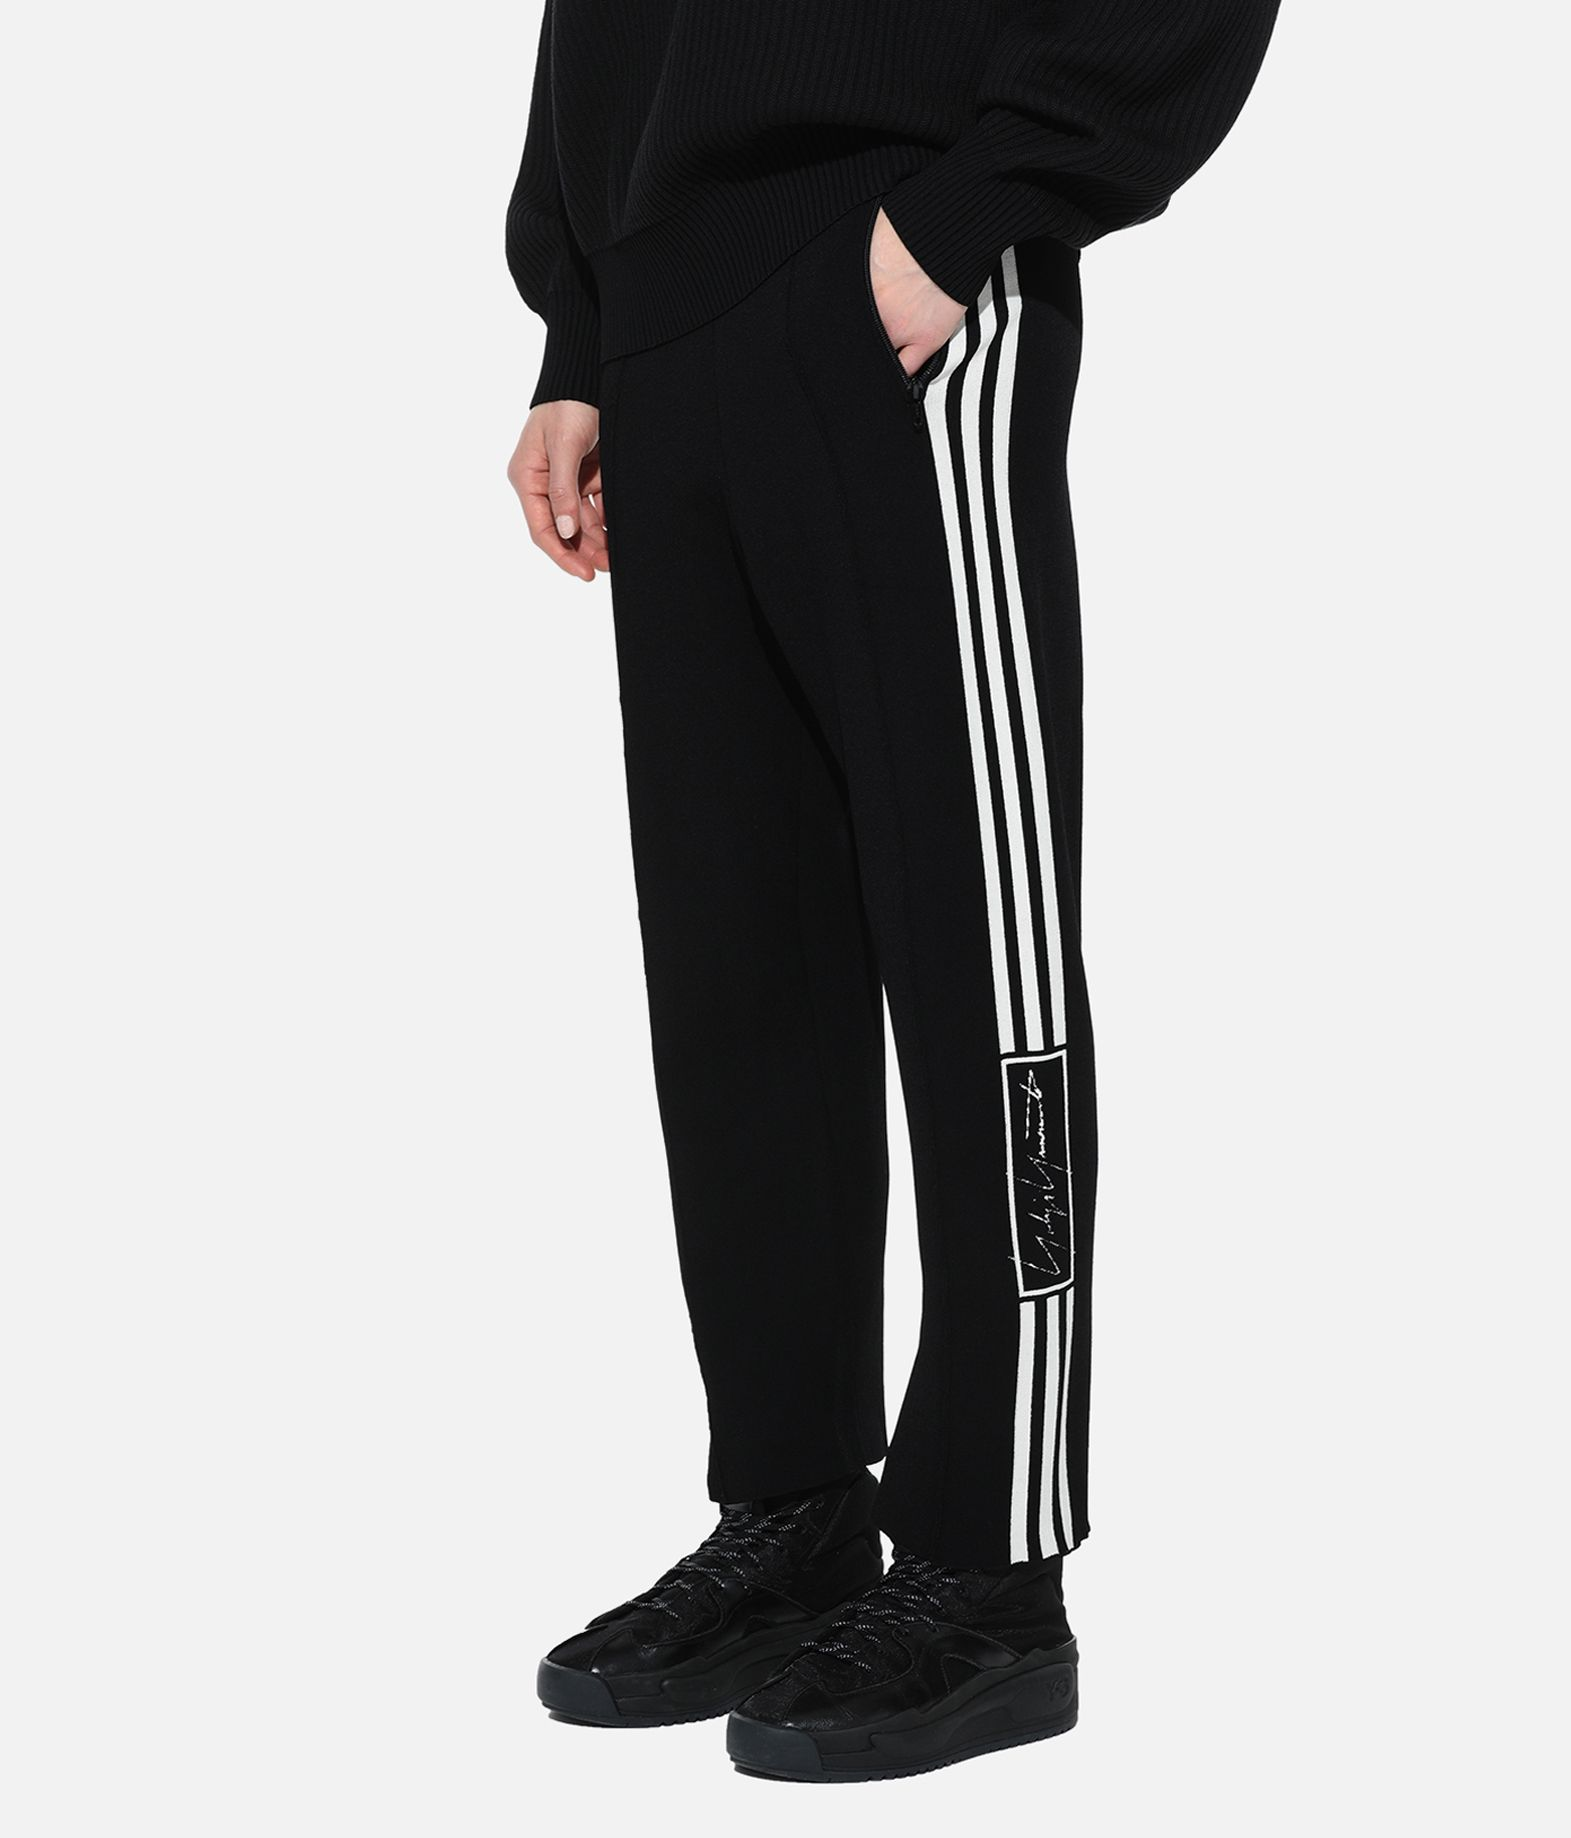 Y-3 Y-3 Tech Knit Wide Pants パンツ レディース e